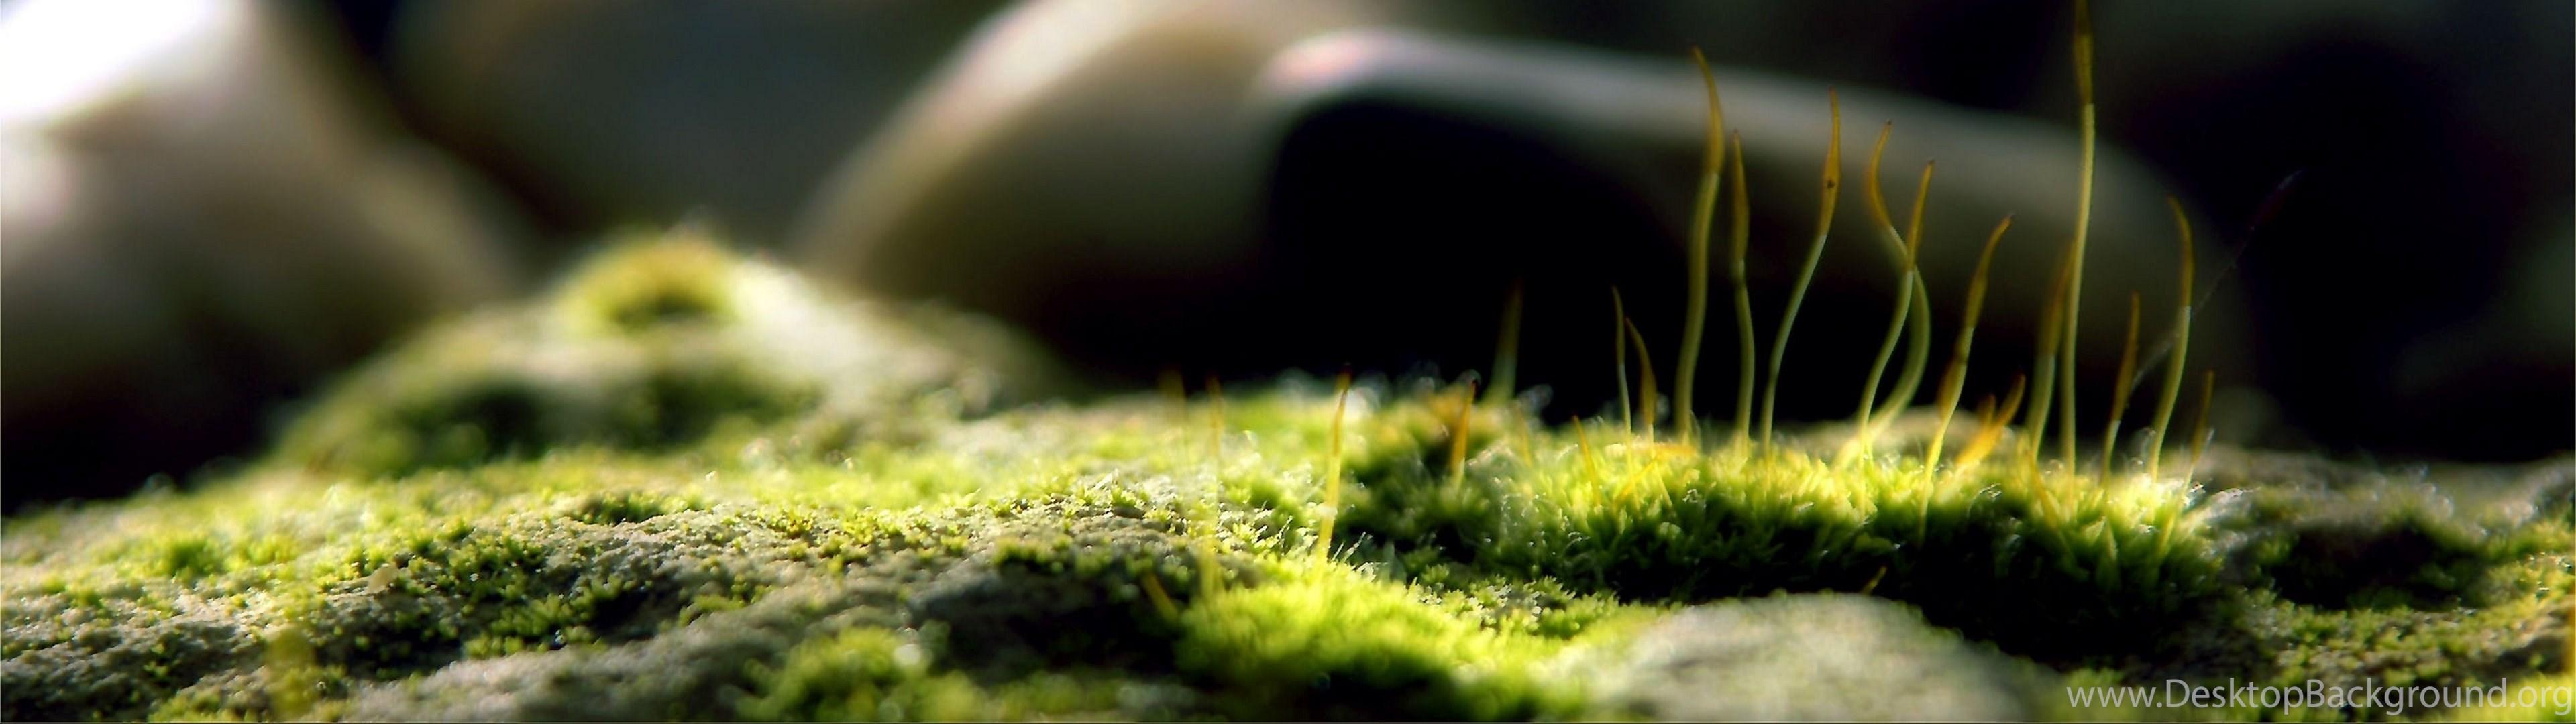 Download Wallpapers 3840x1080 Grass Macro Depth Of Field